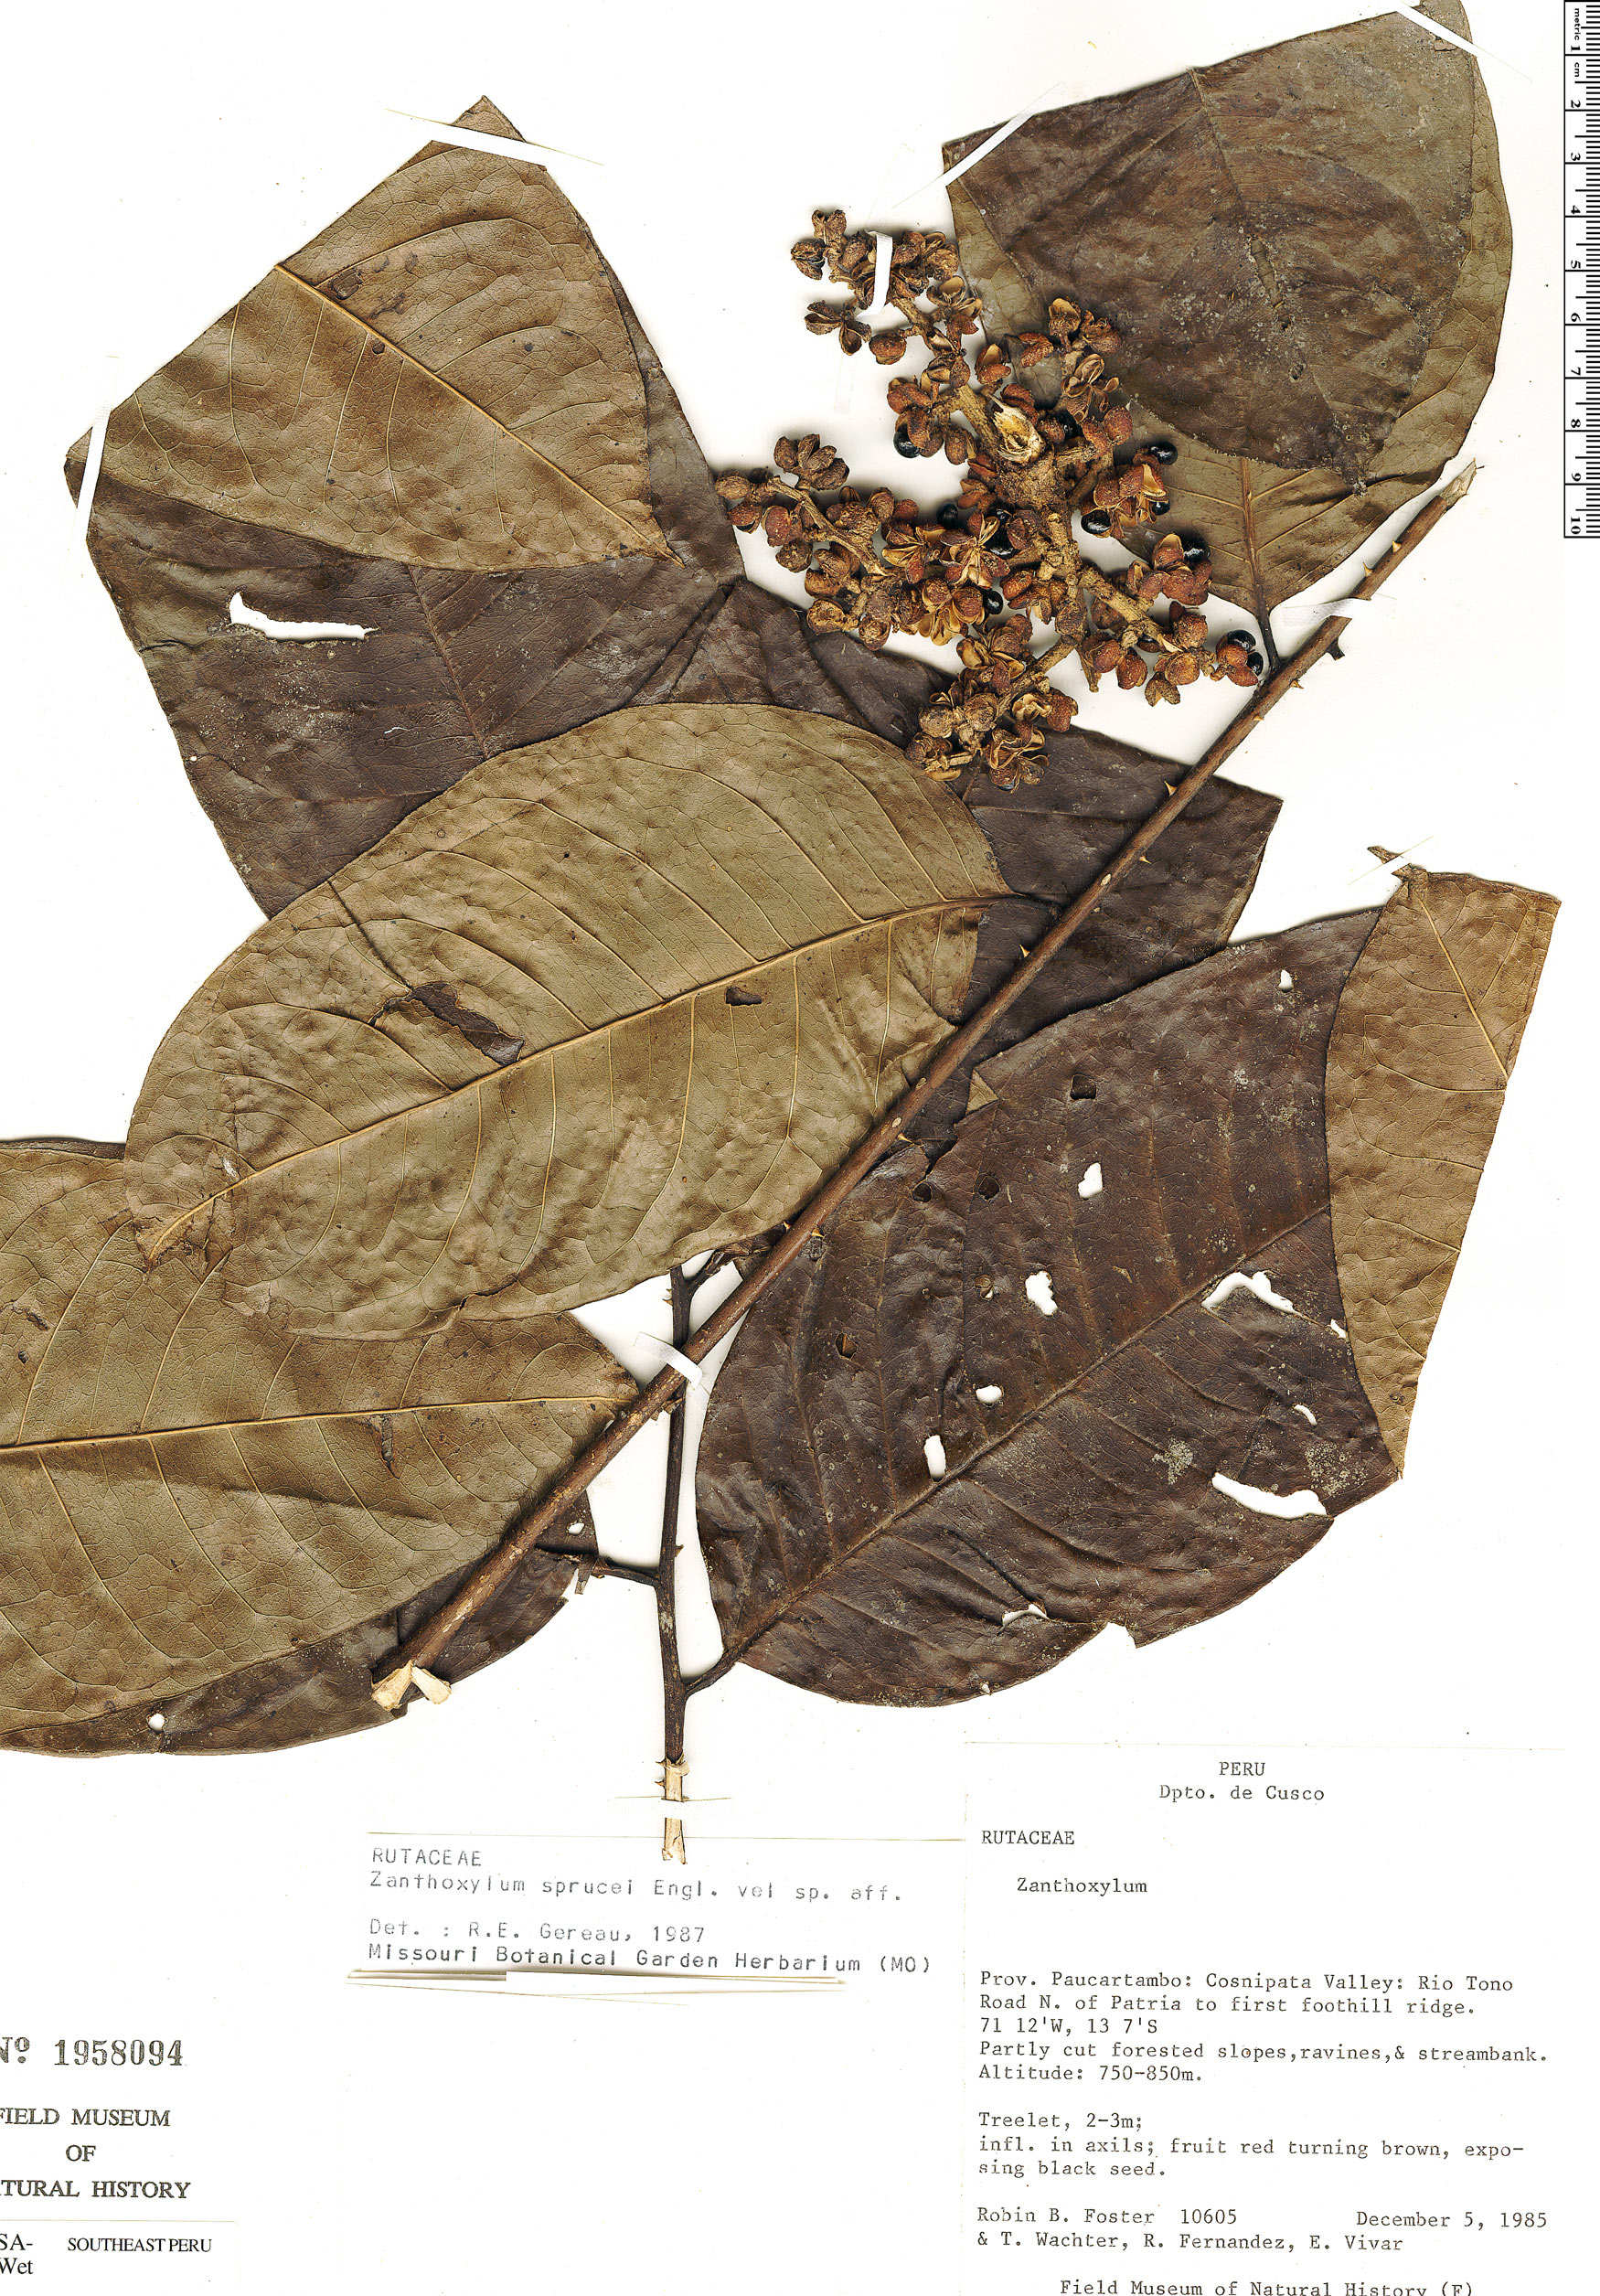 Specimen: Zanthoxylum sprucei